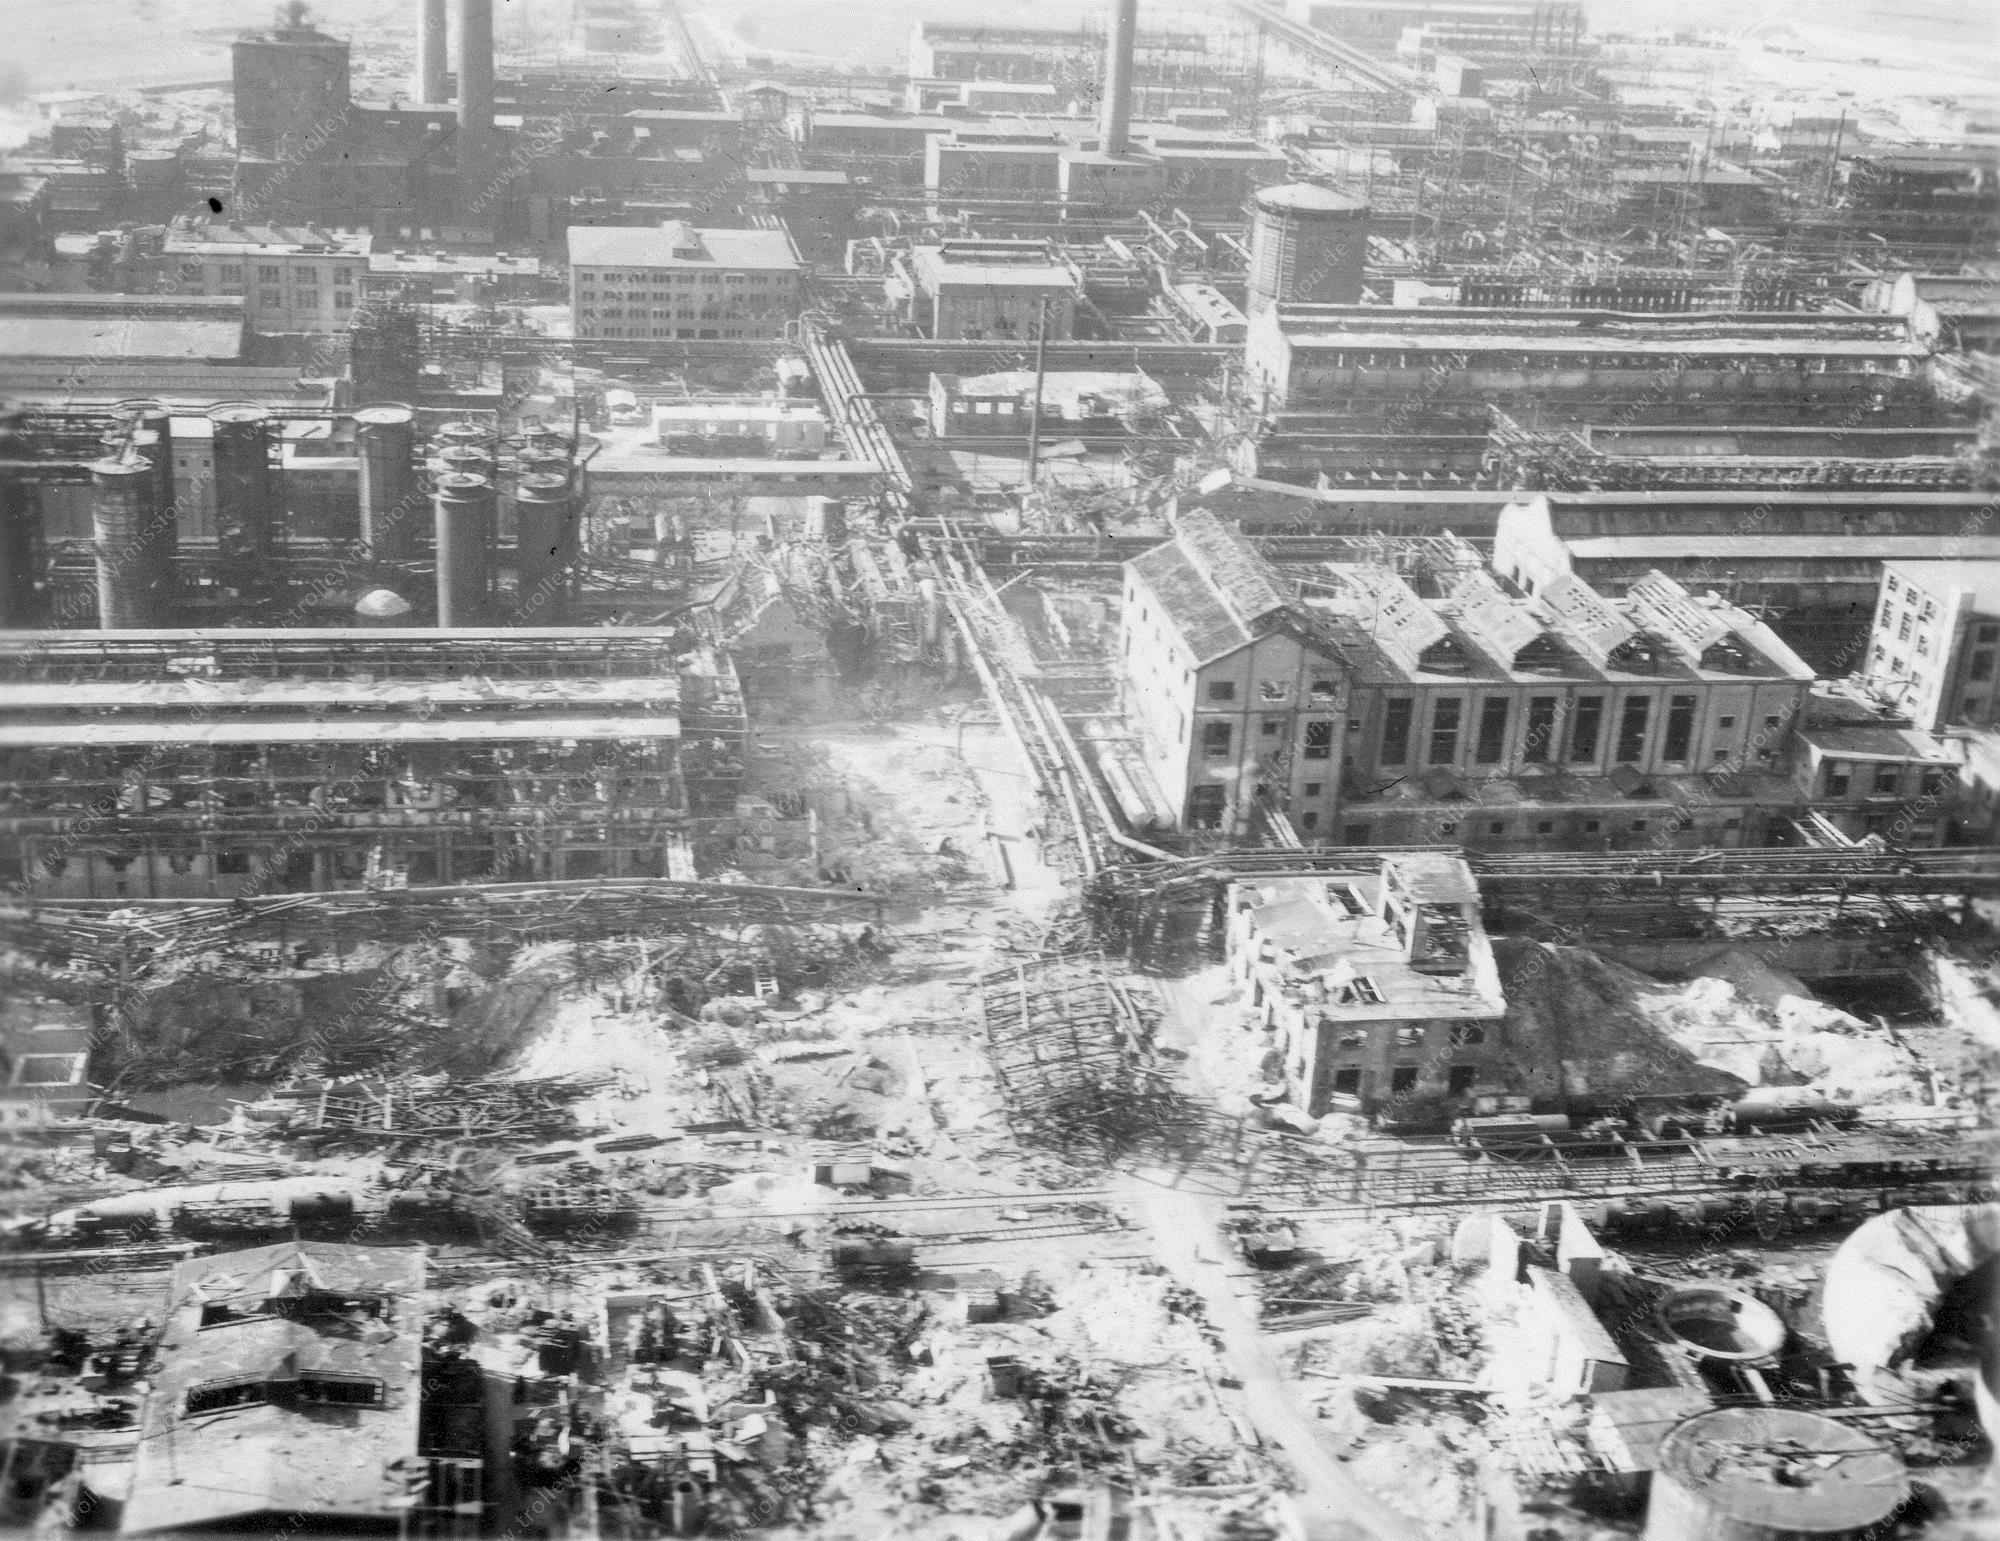 Unbekanntes Luftbild Industrie- und Fabrikgebäude